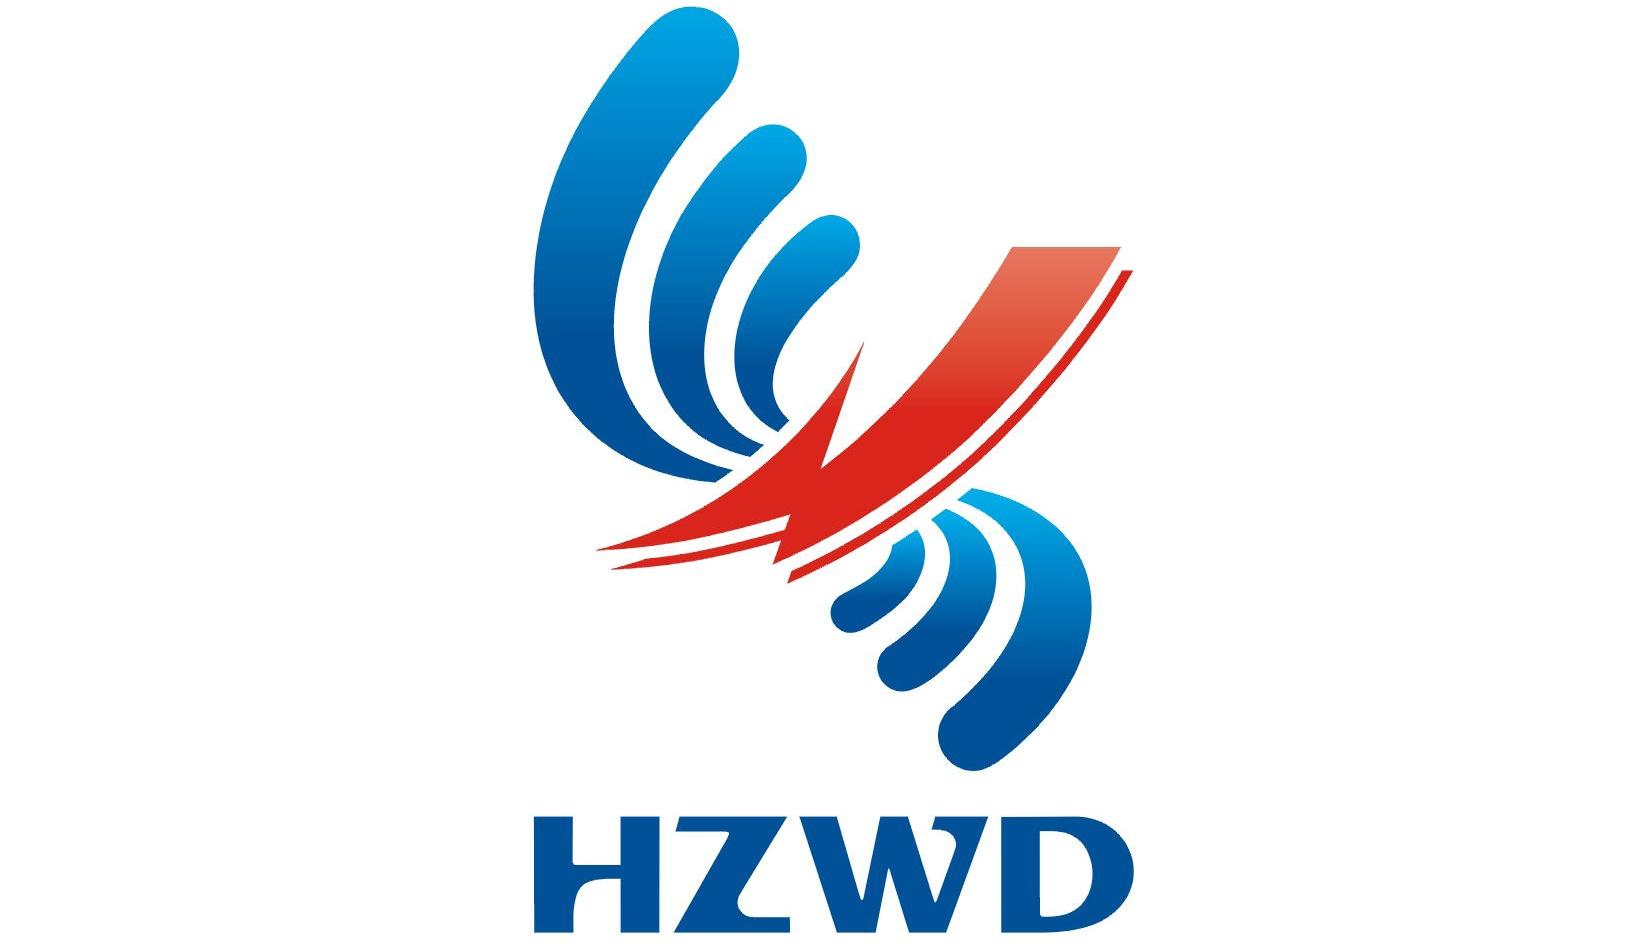 杭州水利水电勘测设计院有限公司诸暨分公司最新招聘信息